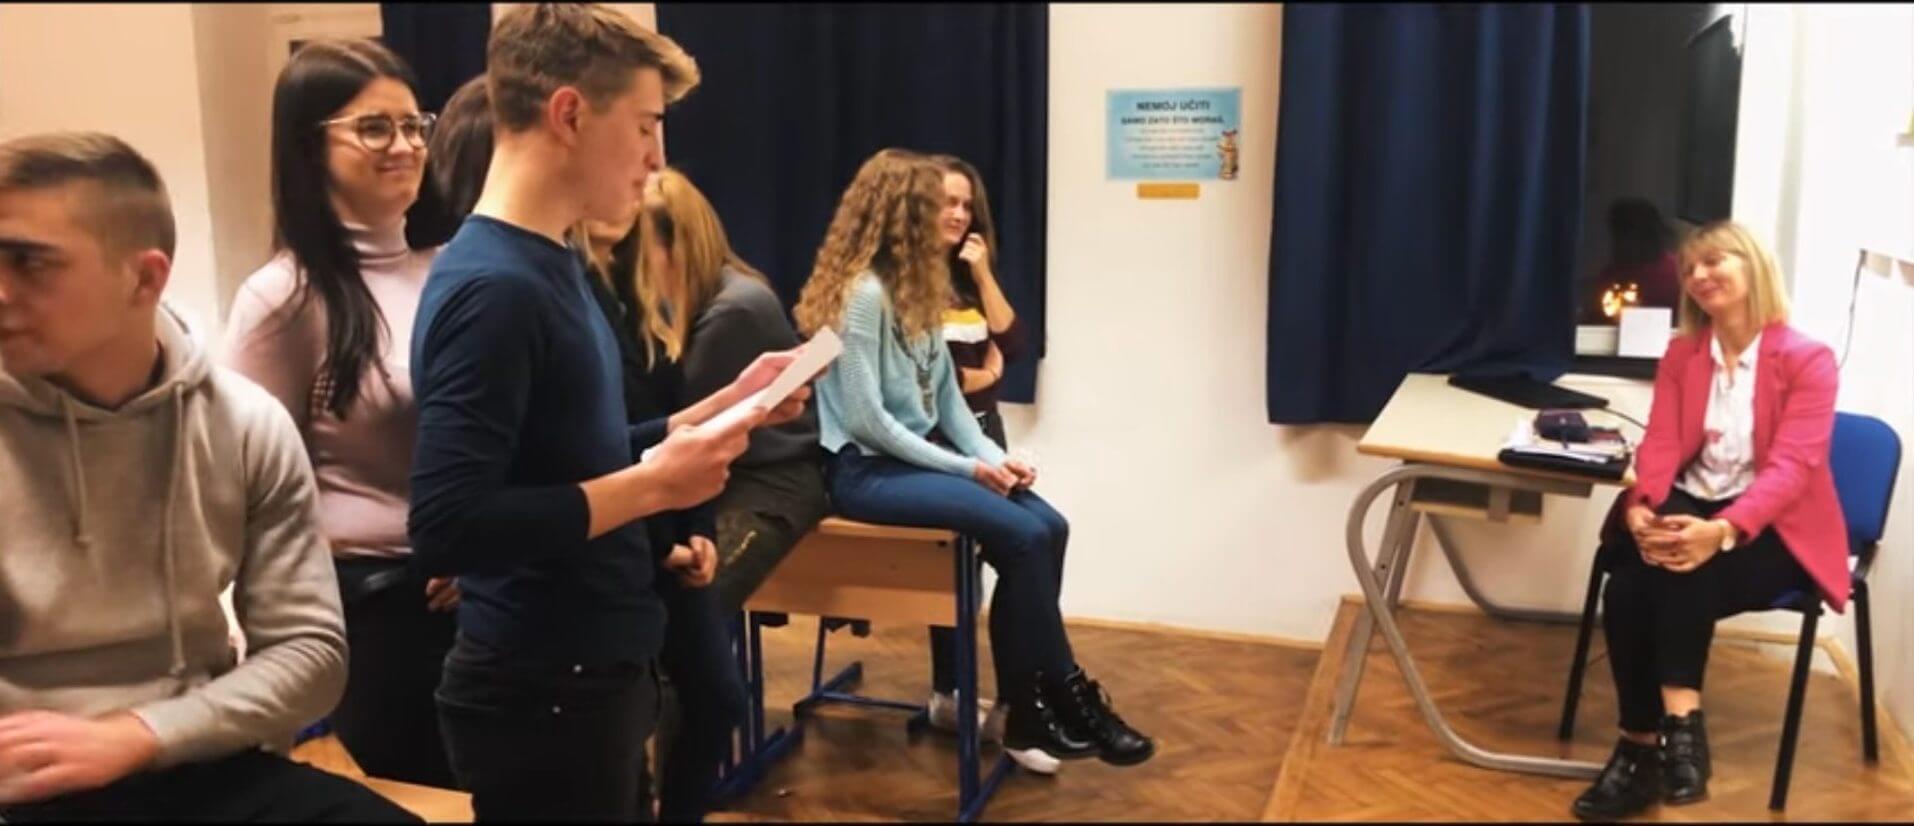 Kratki film hvarskih maturanata kao lijepa uspomena na školske dane: Pronalazite li se u nekim scenama?